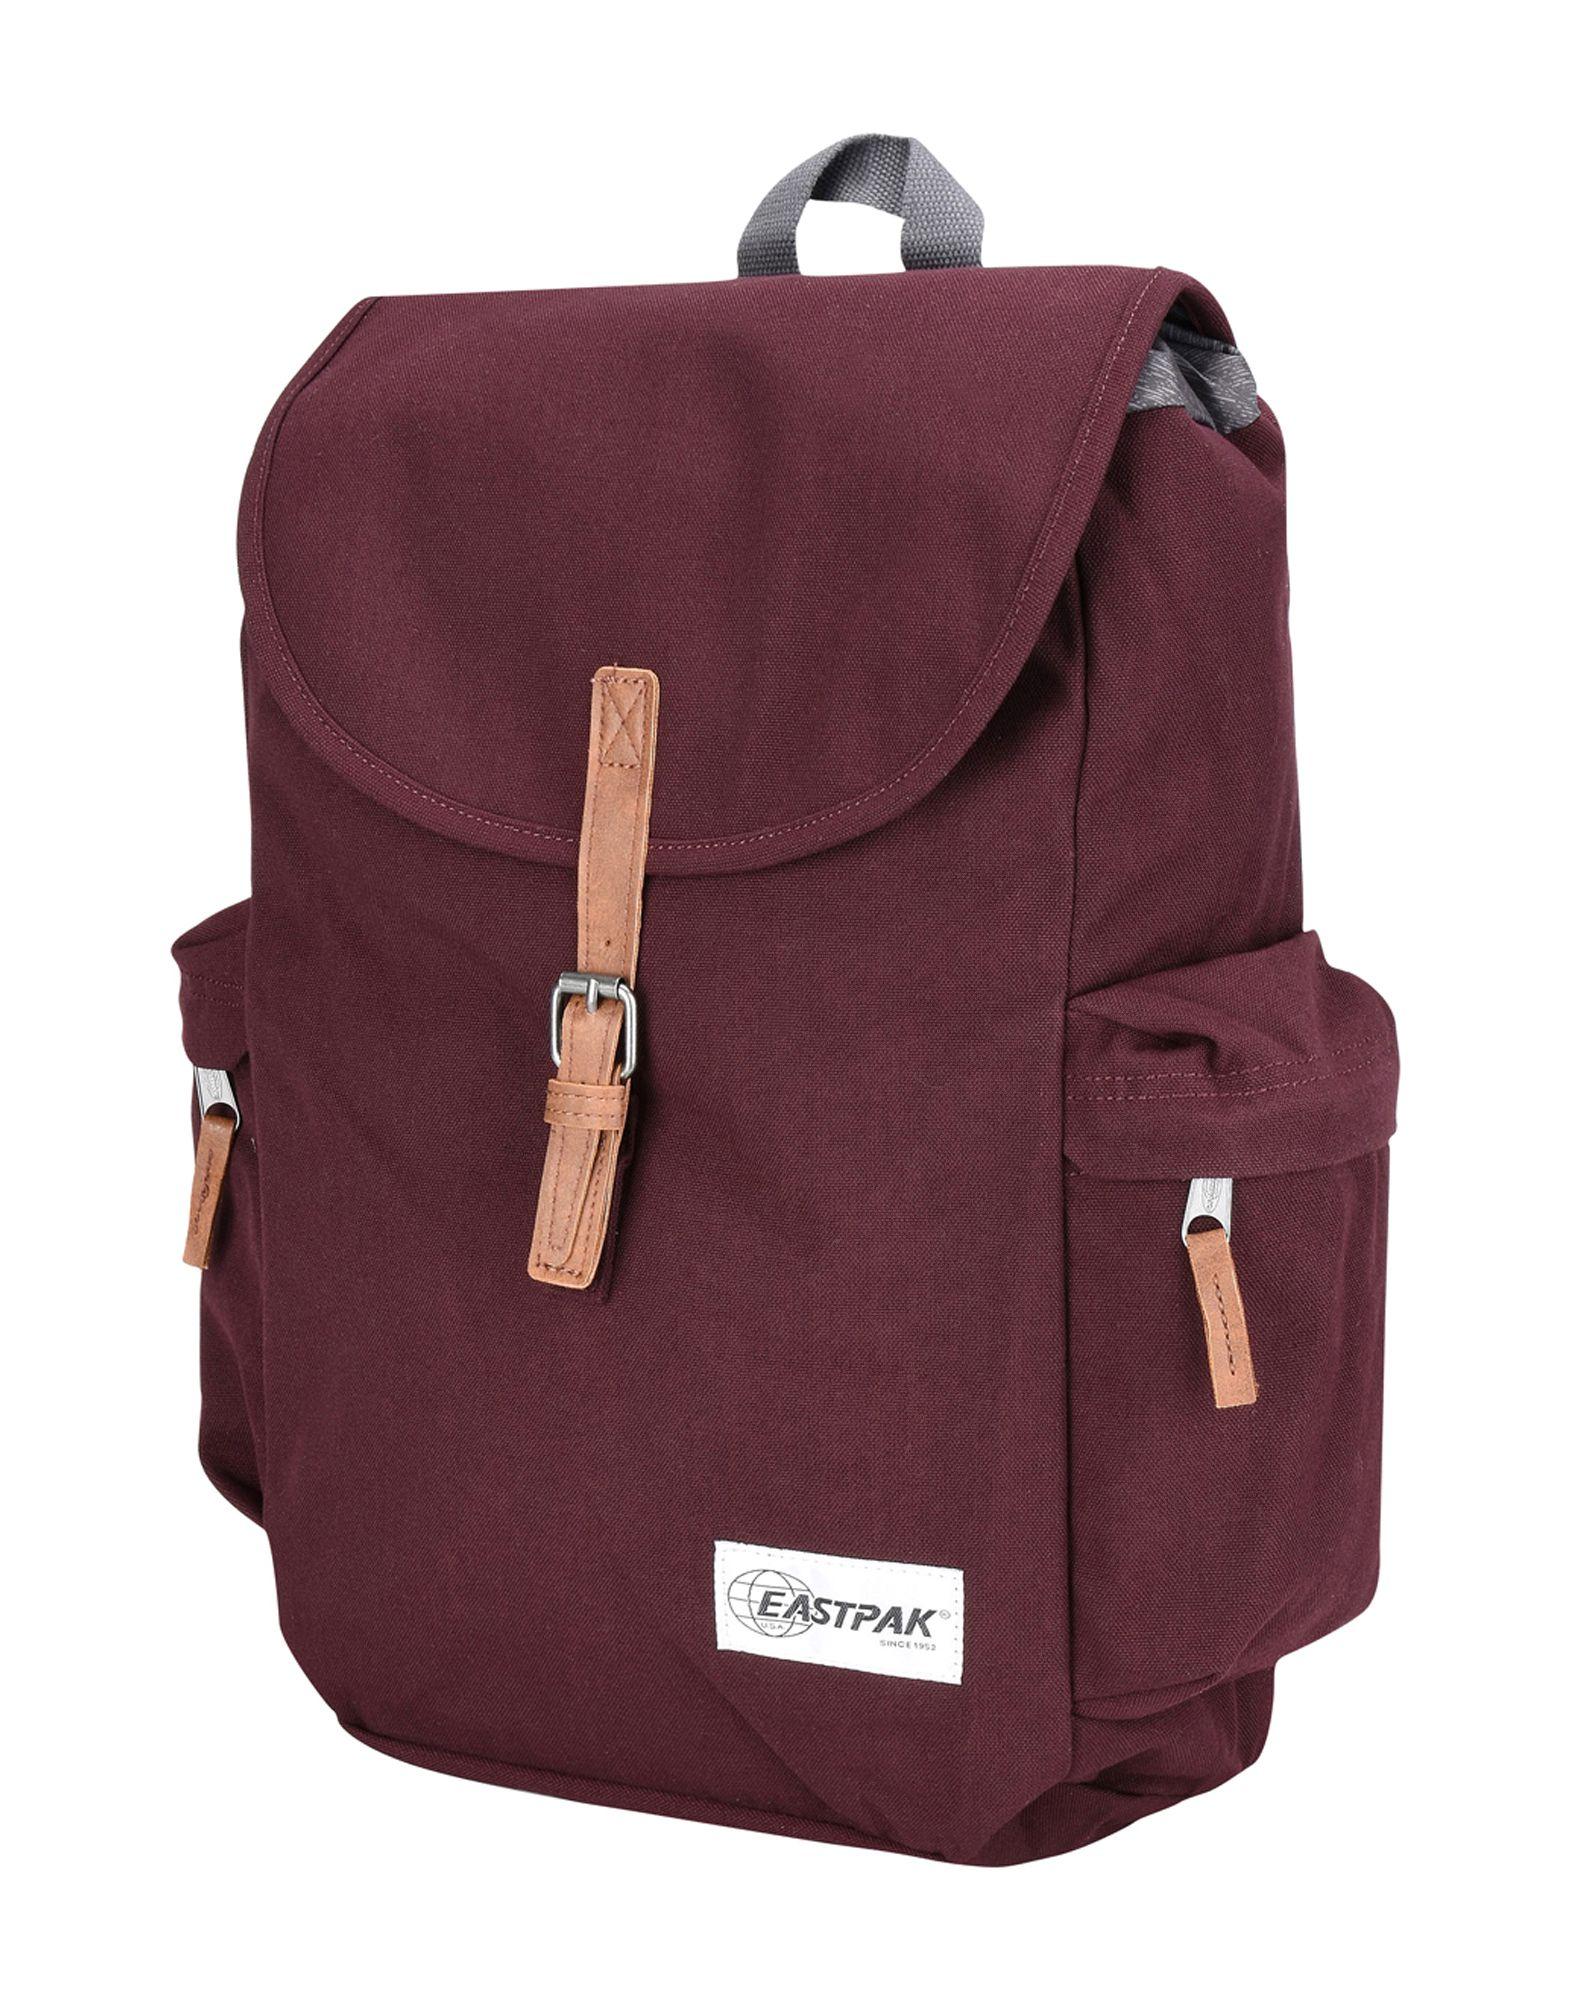 Eastpak HANDBAGS - Backpacks & Fanny packs su YOOX.COM 1PMUuDQ